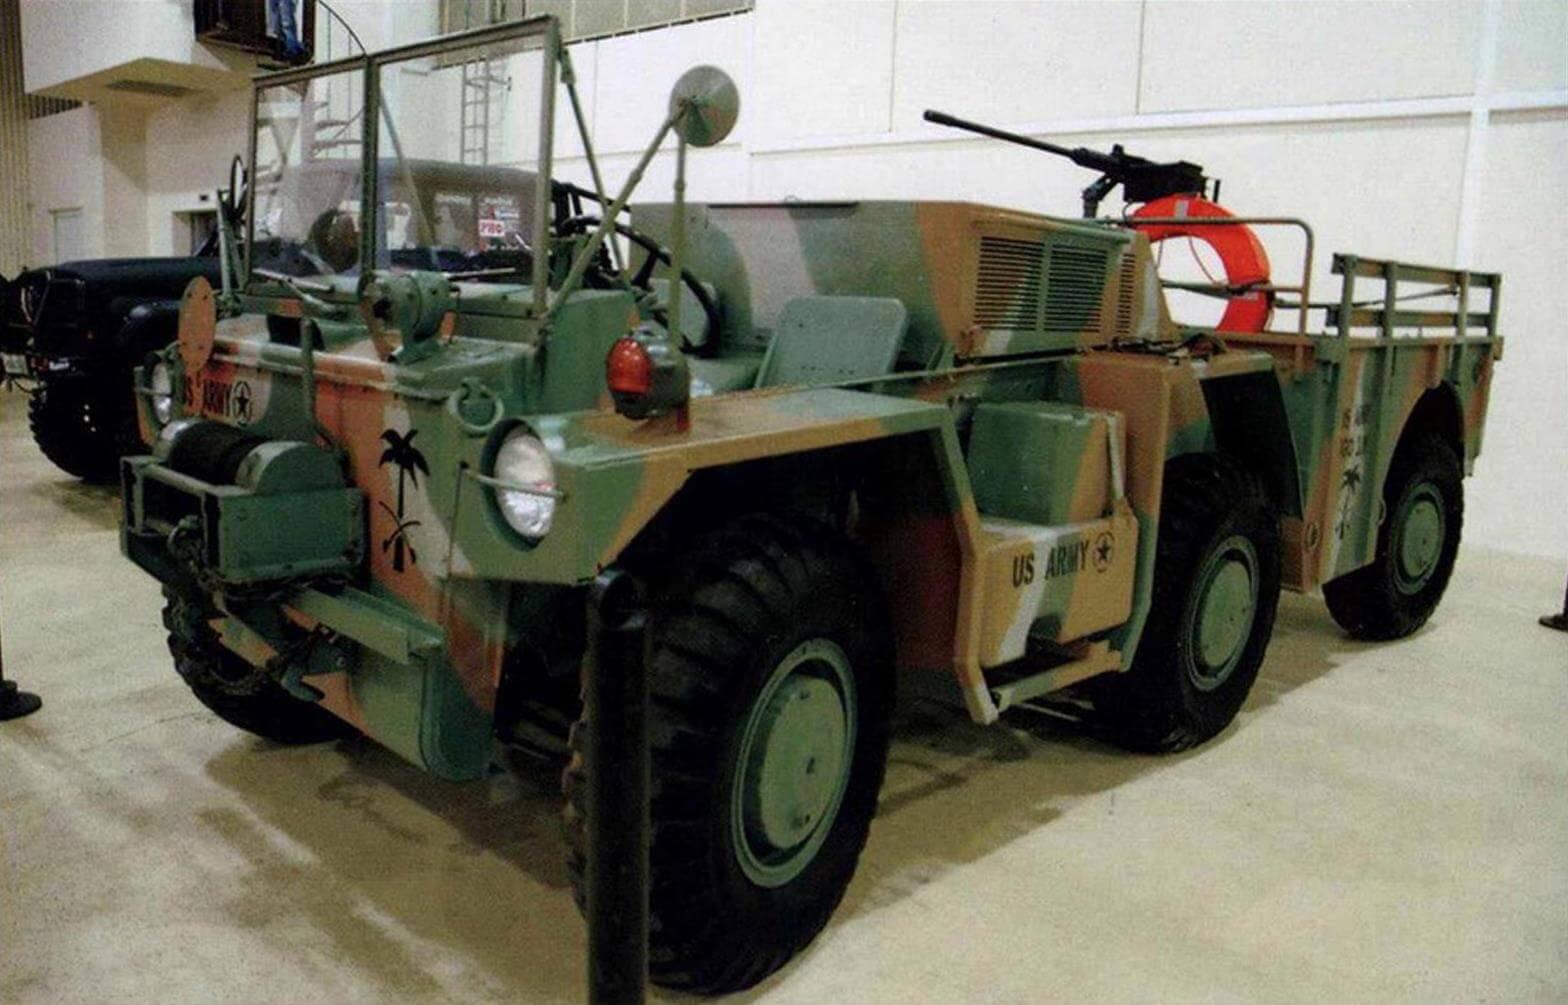 Серийный автомобиль М561 производства компании Consolidated Diesel Electric, выпущенный в 1972 году